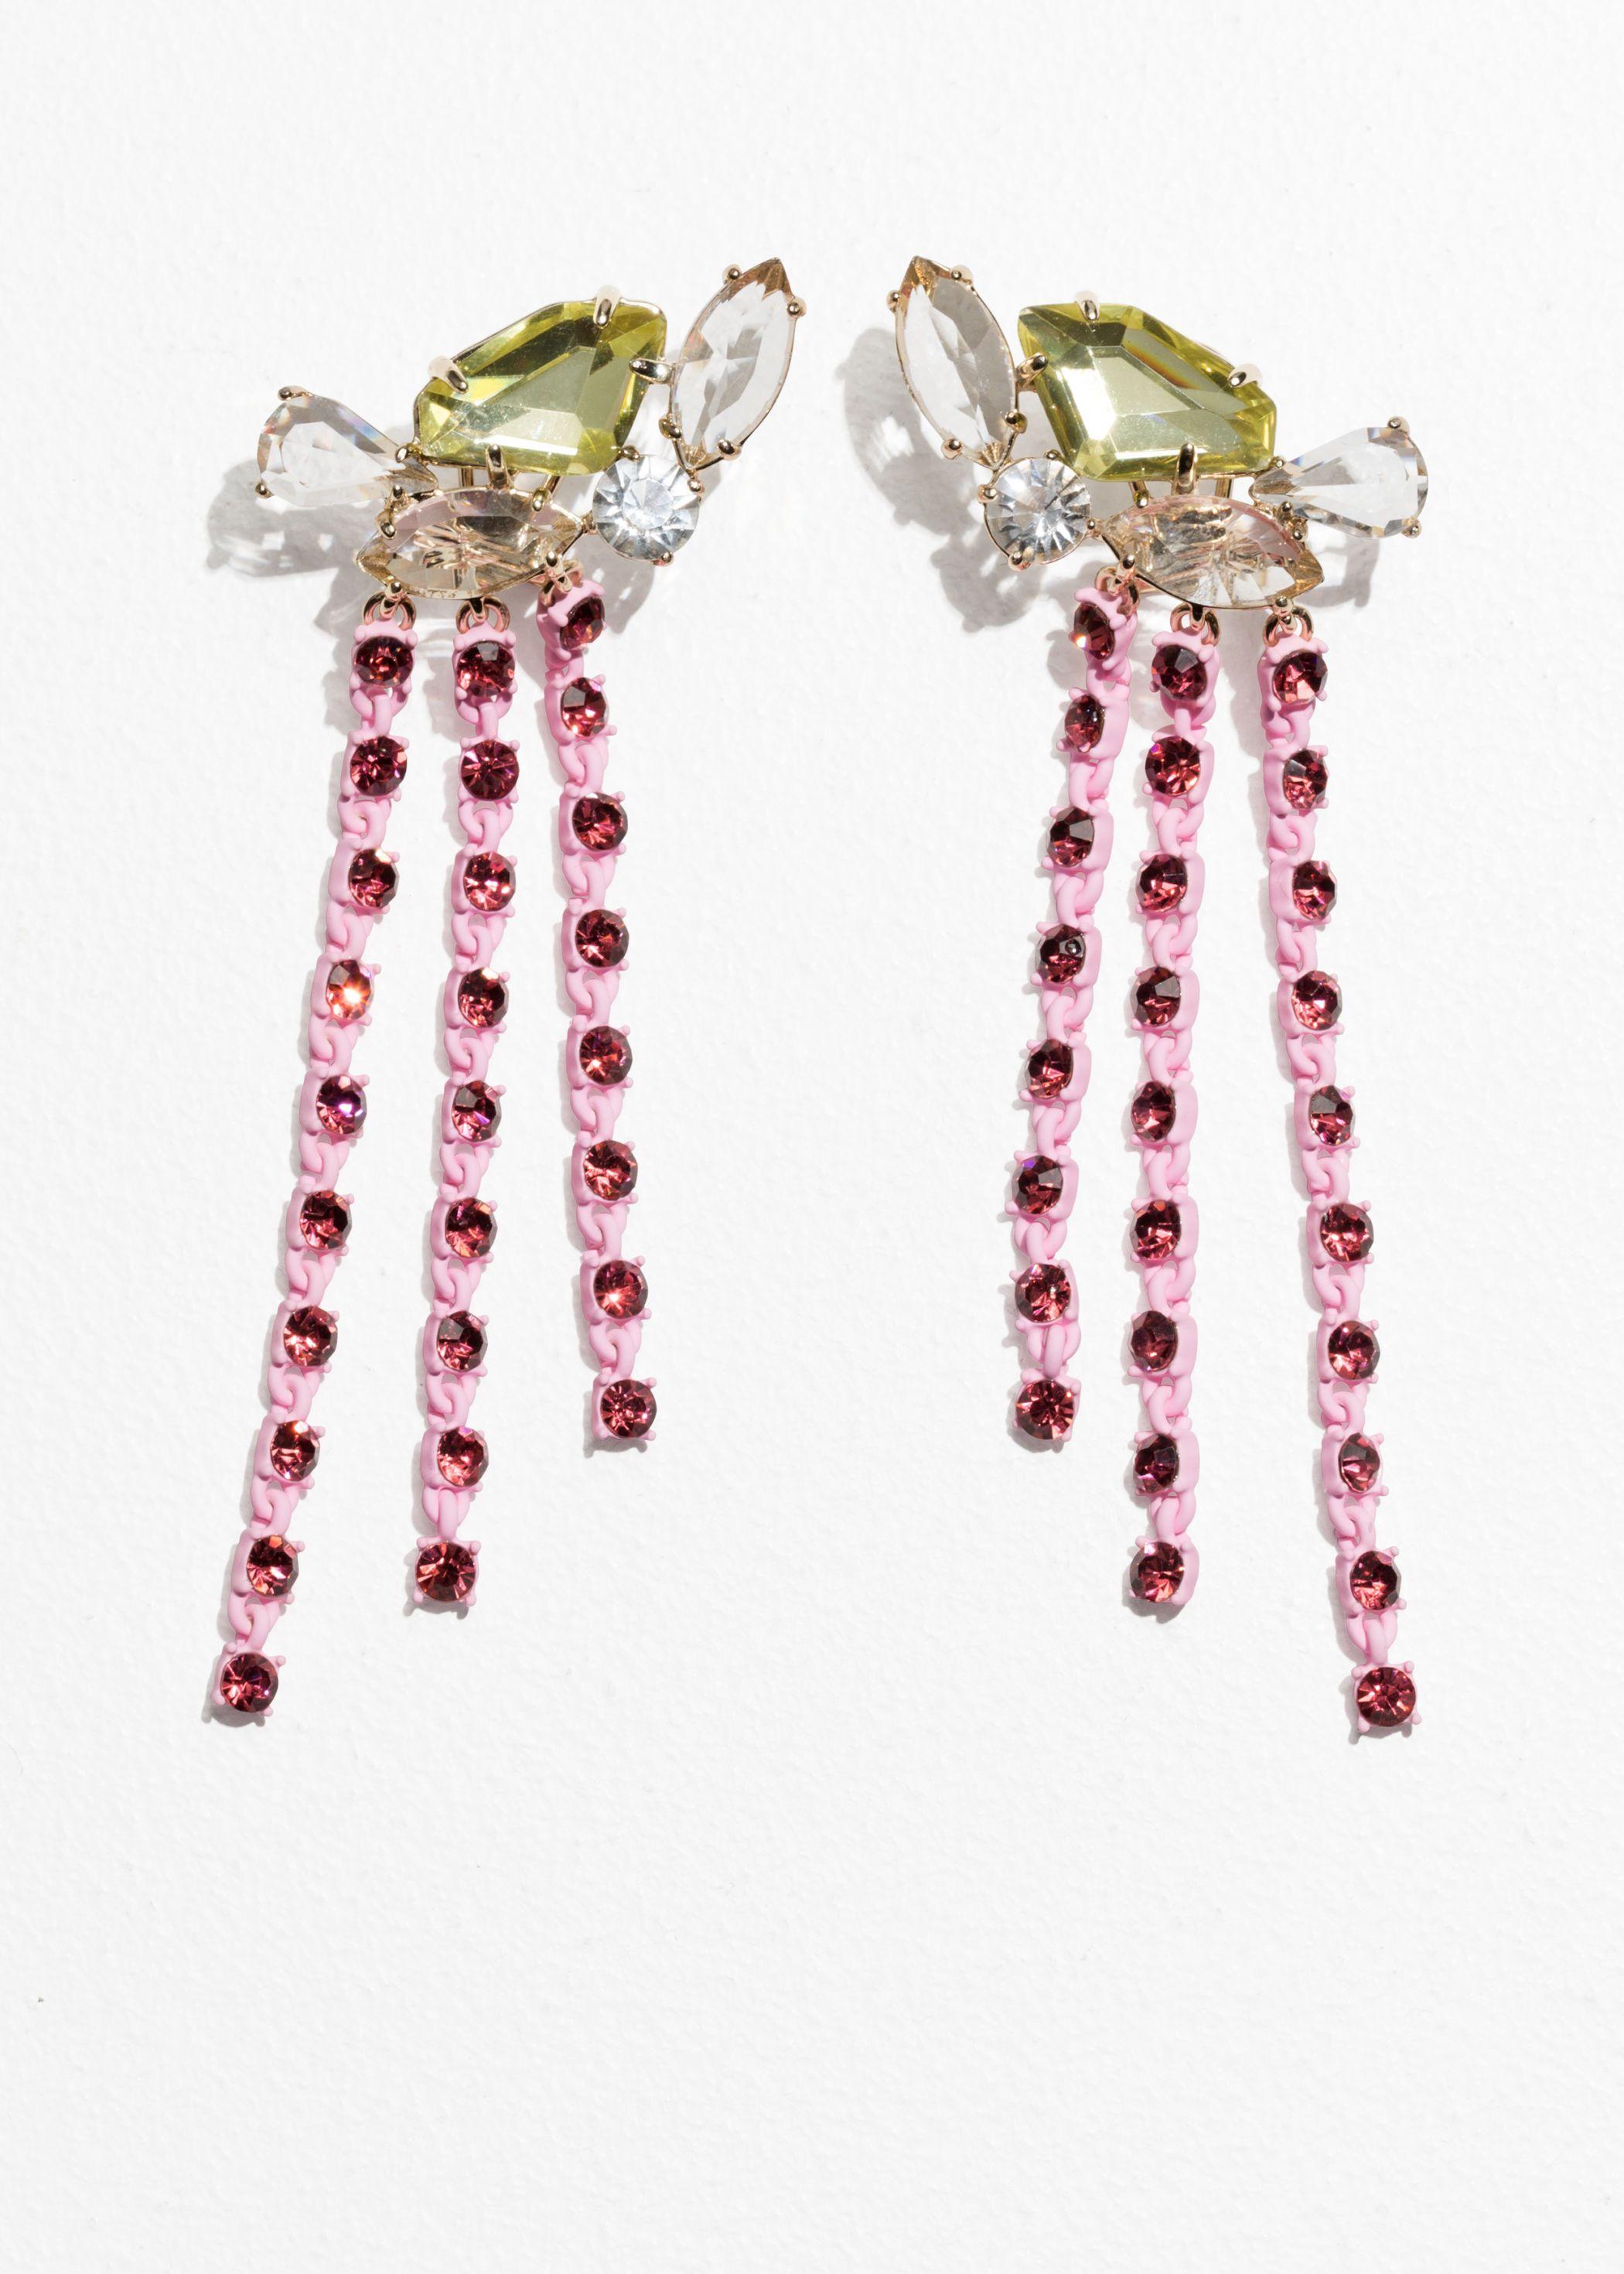 Shop sale summer trends- earrings